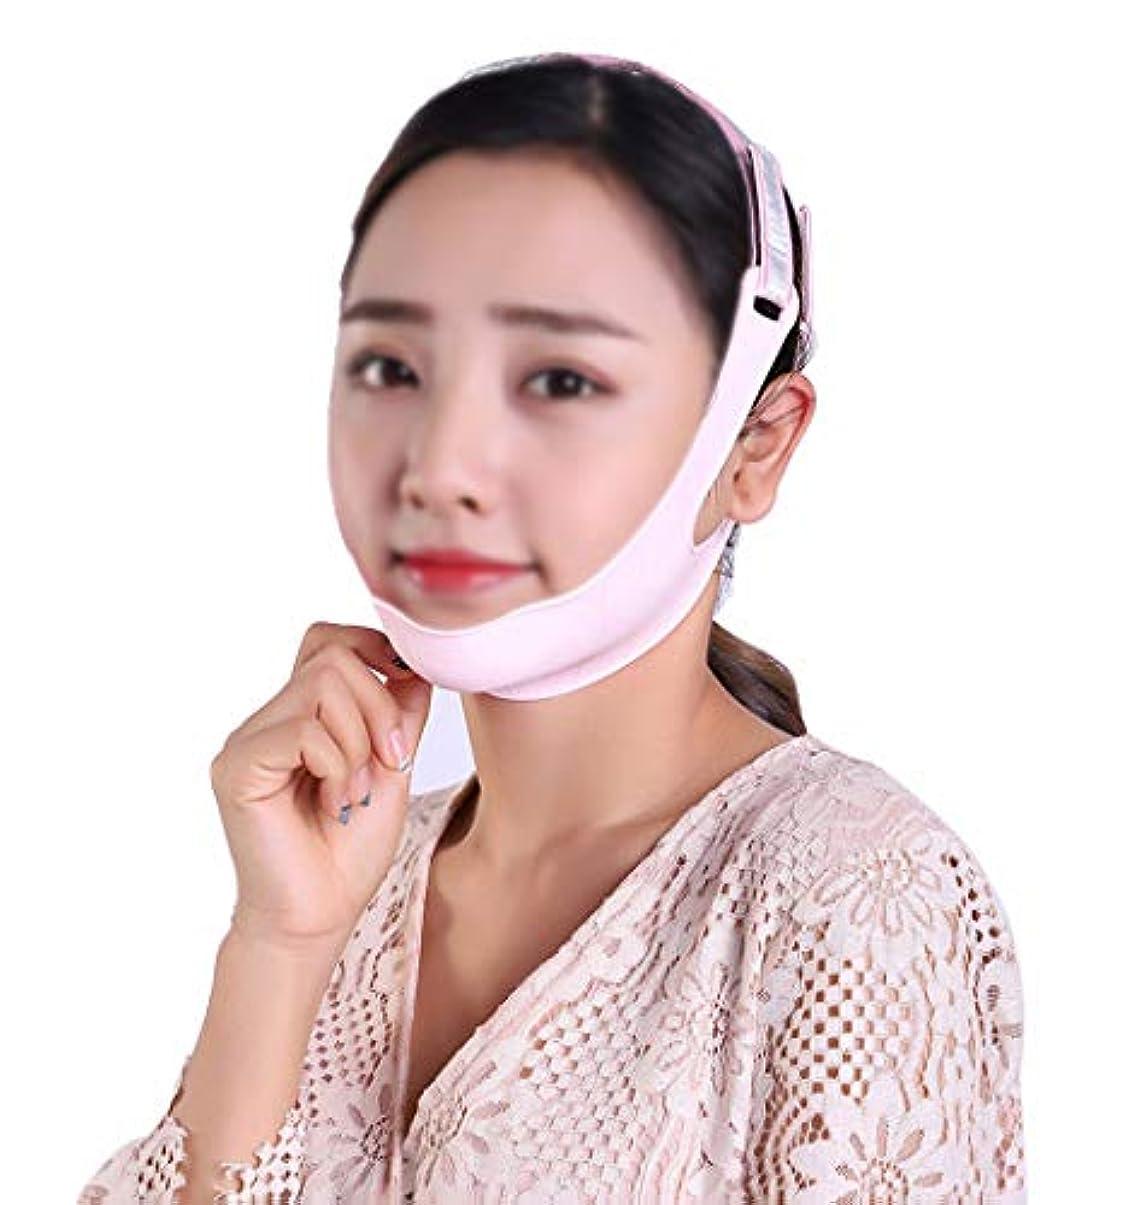 なに迷信ホイットニーフェイスリフトマスク、シリコンVフェイスマスクの引き締め、リフティングフェイス、リラクゼーションフェイスとネックリフトのバンデージスモールVフェイスアーチファクト防止 (Size : L)